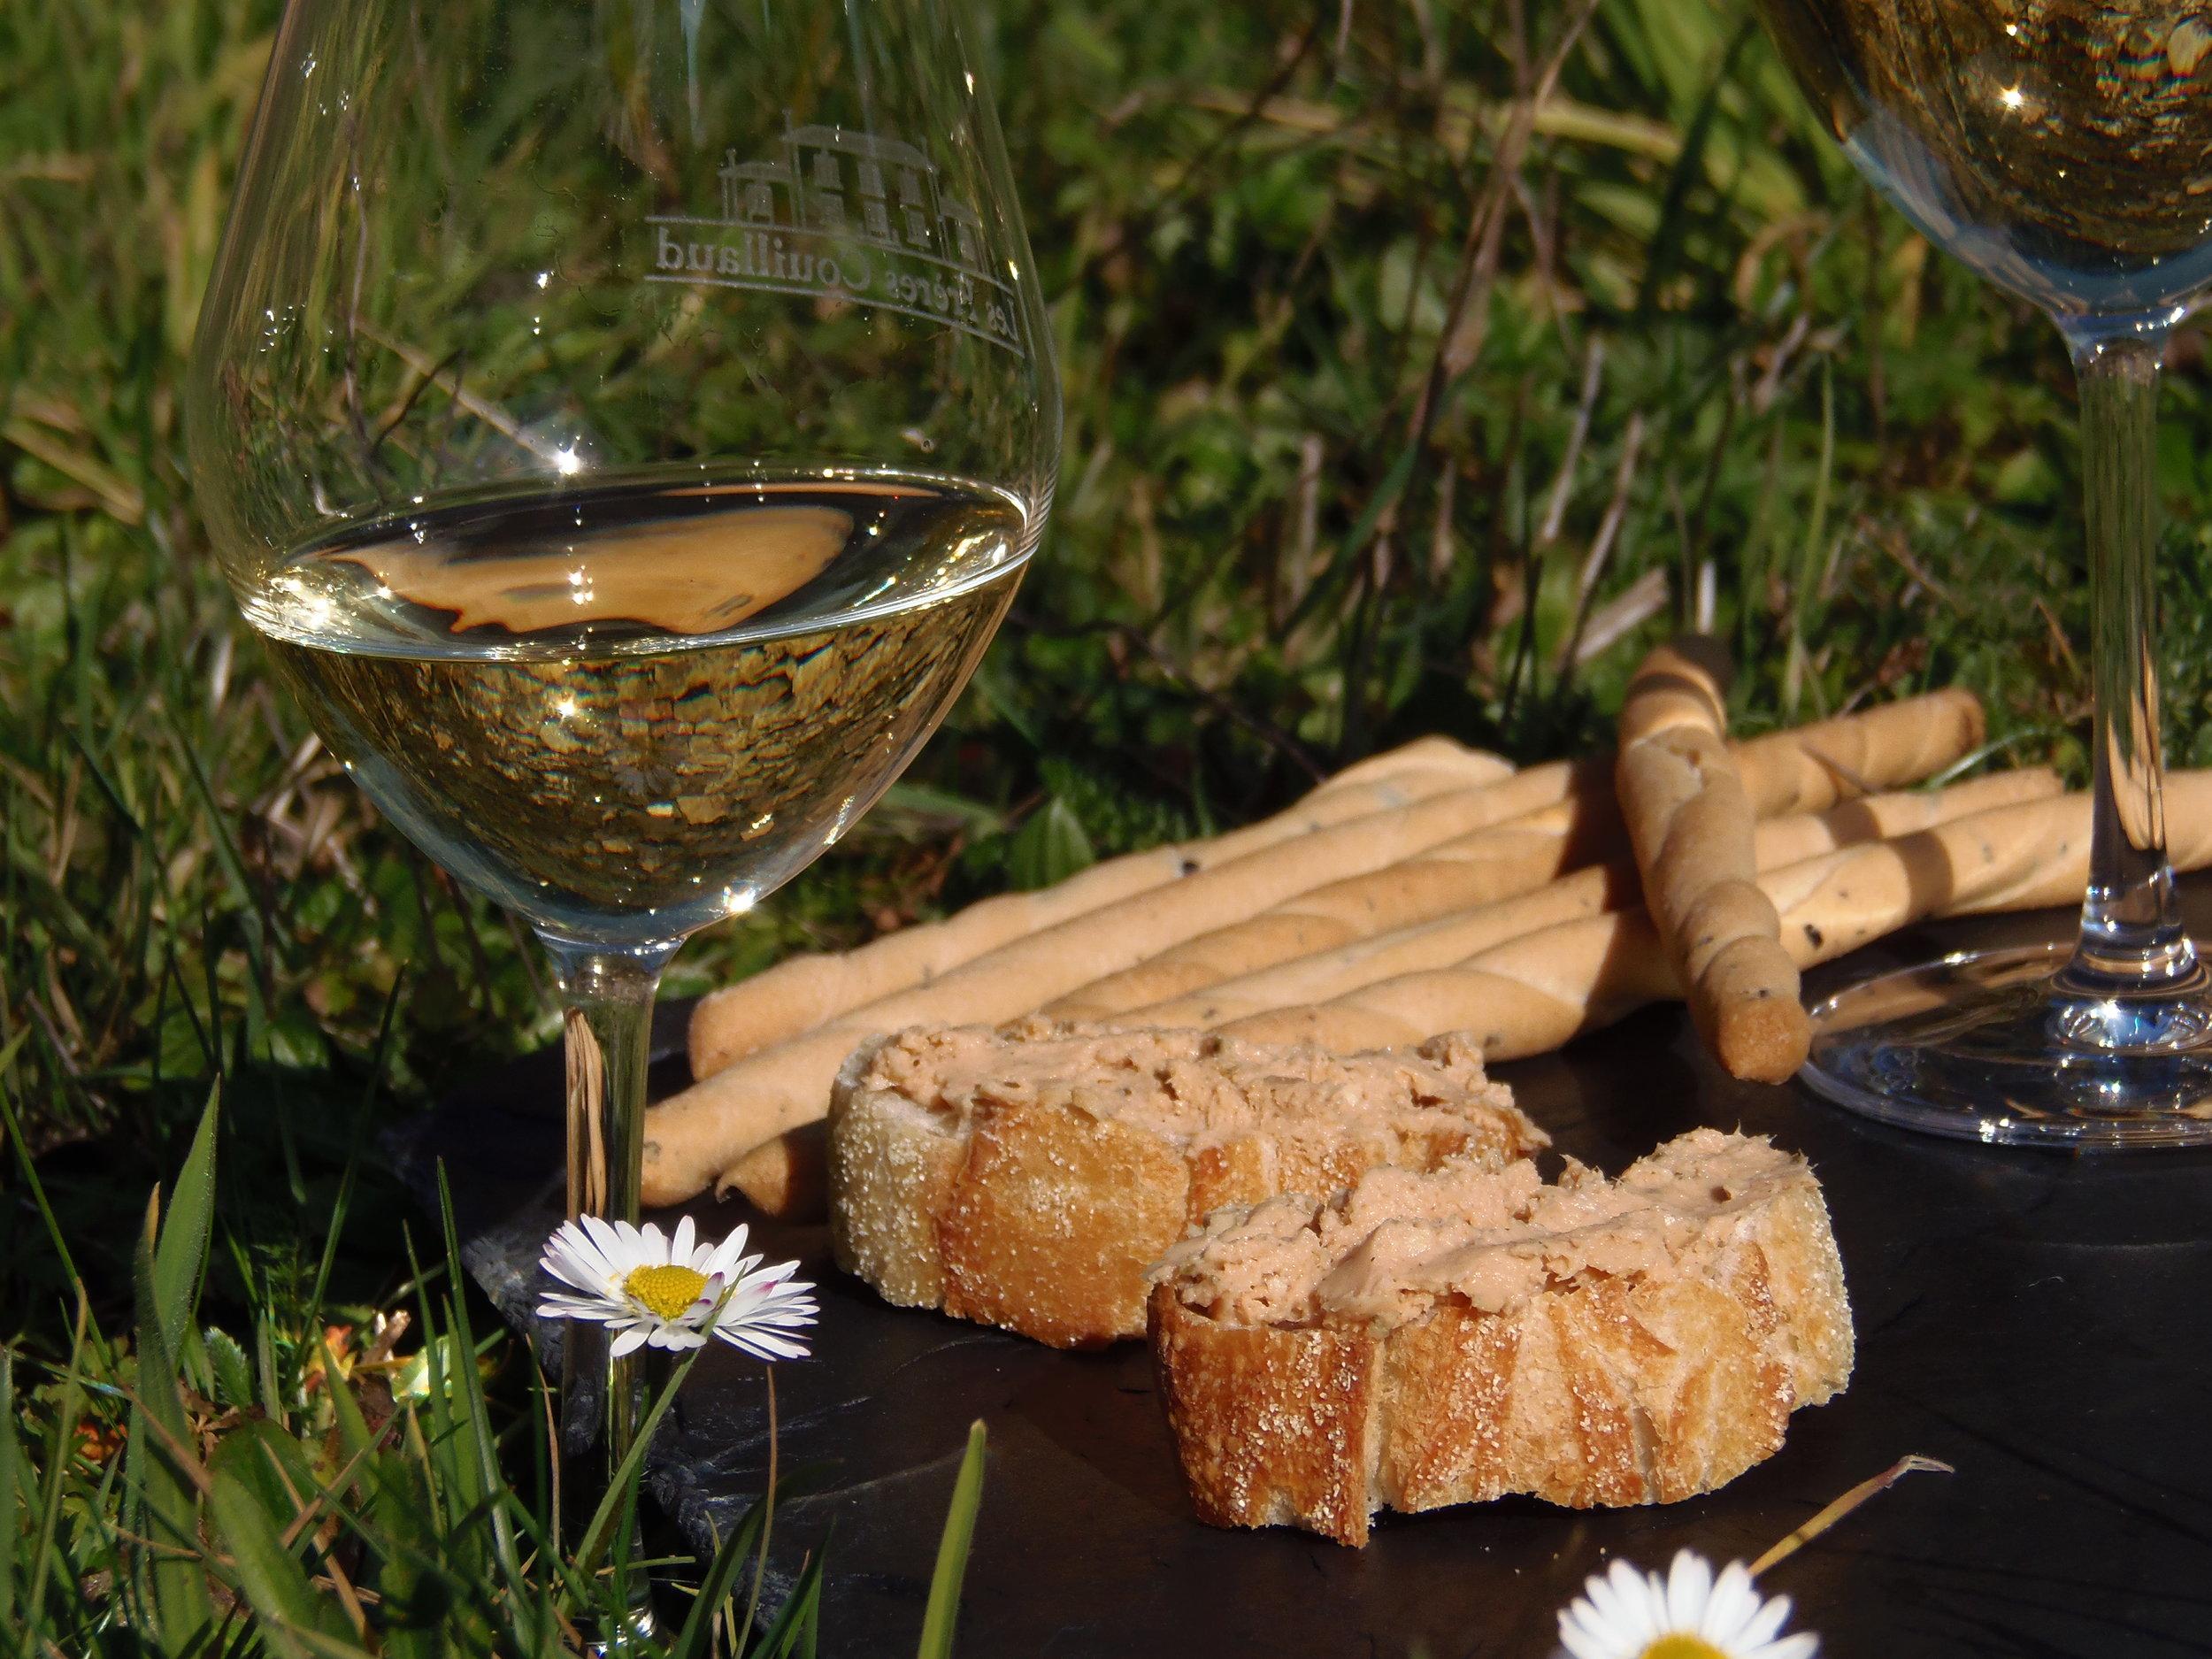 Wine tasting/food pairings